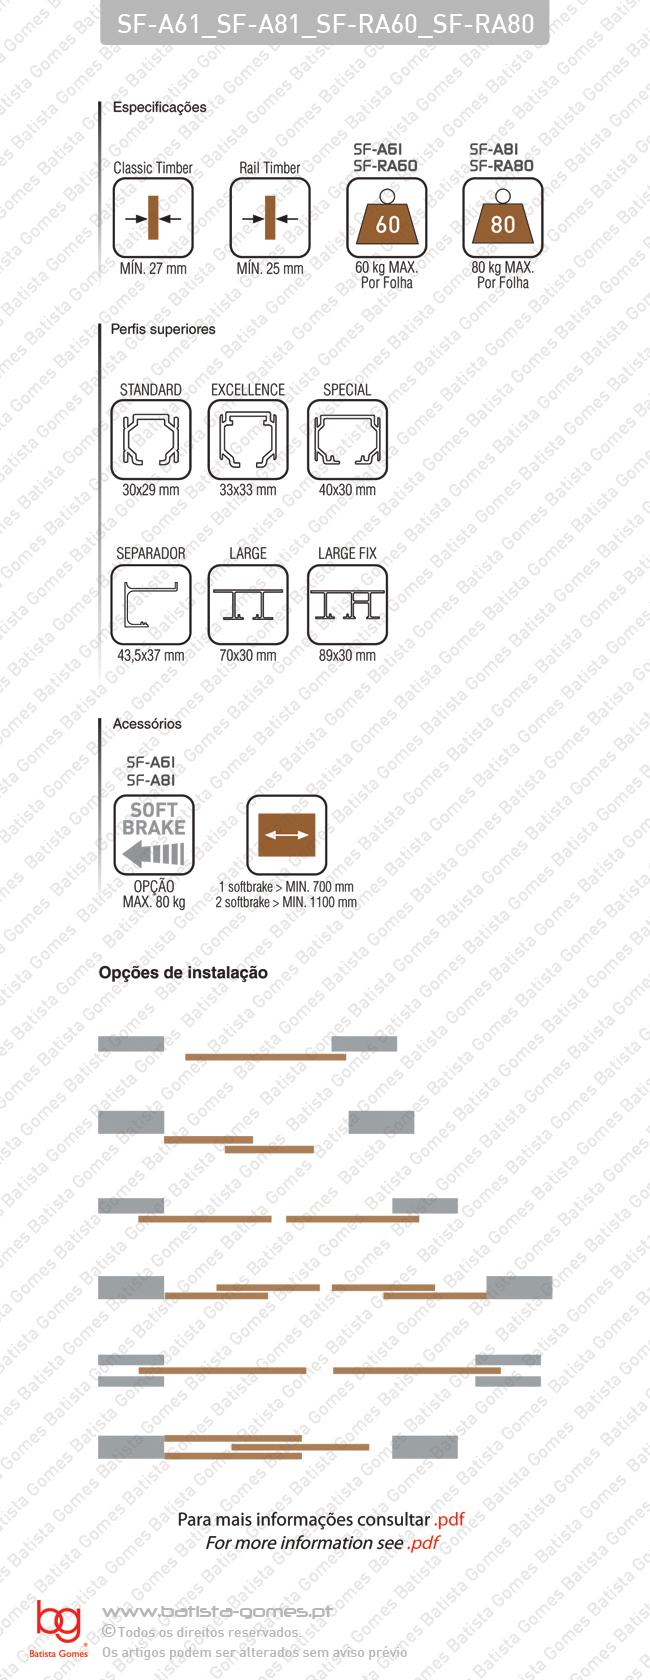 Sistema para divisões e portas correr de passagem em madeira / Suspensos - até 60 / 80Kg por folha